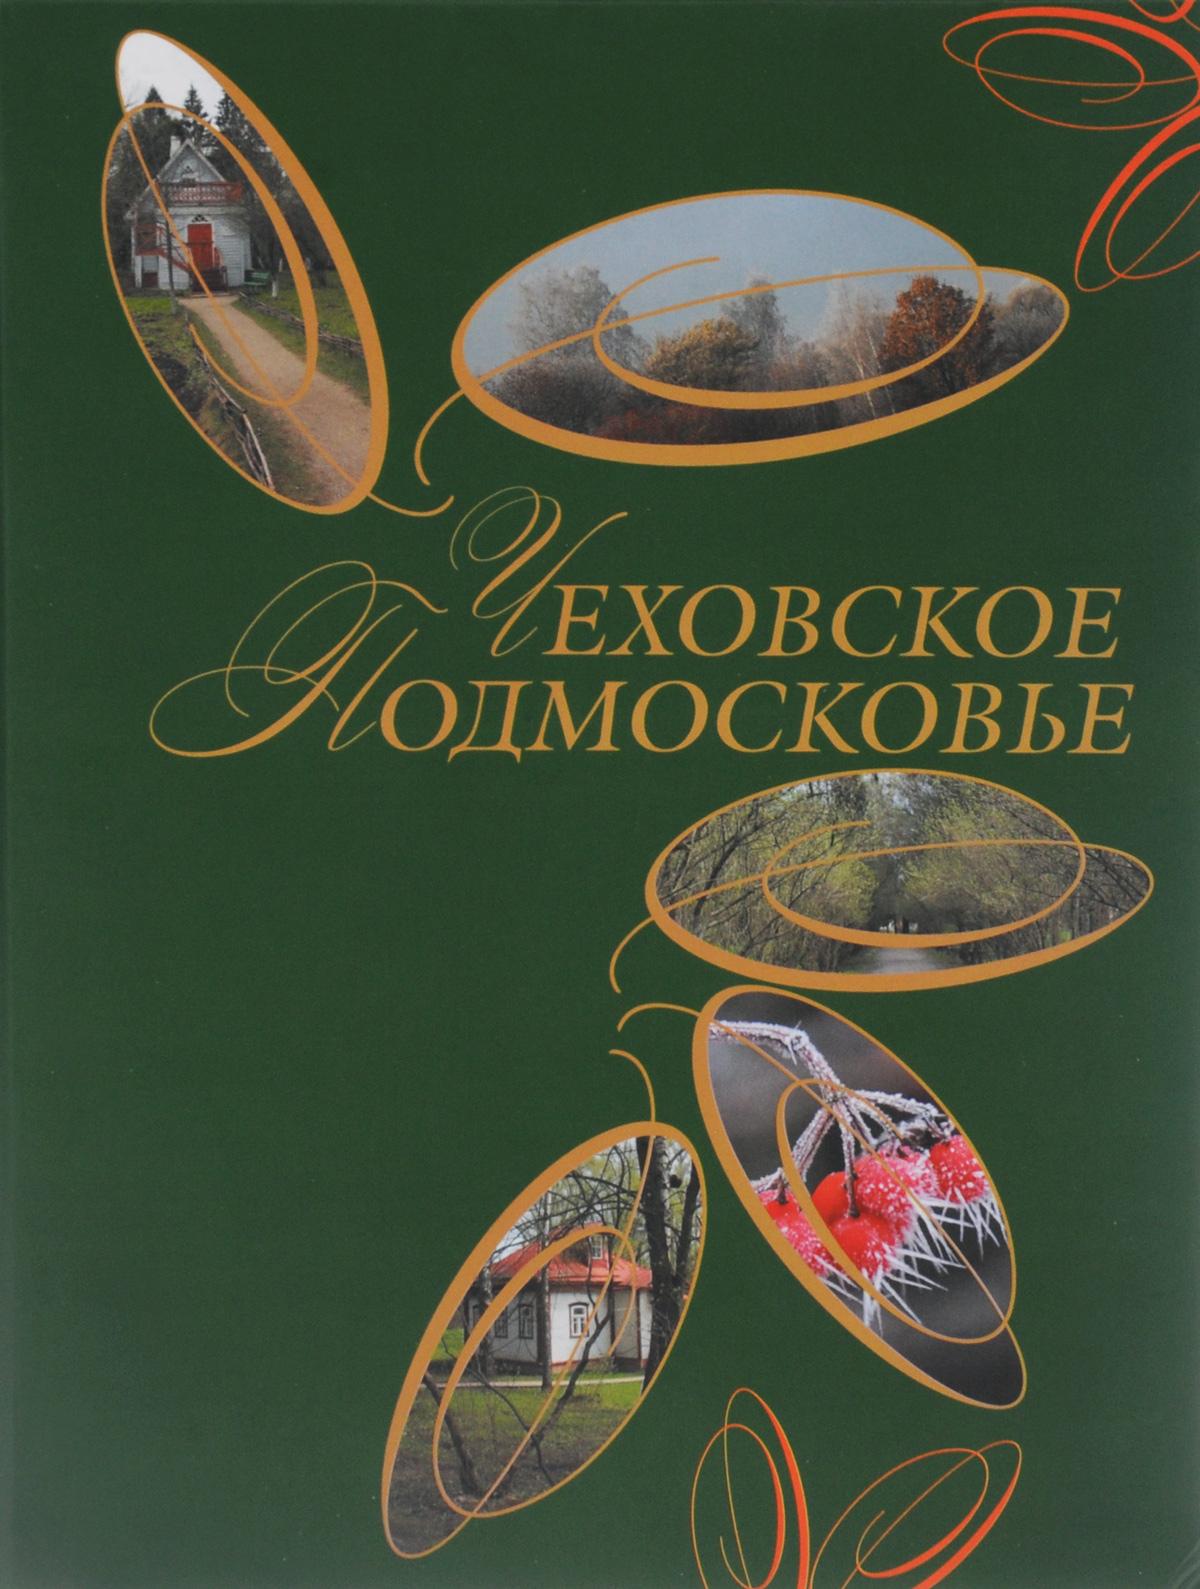 Чеховское Подмосковье аренда места для шашлыков в подмосковье с мангалом